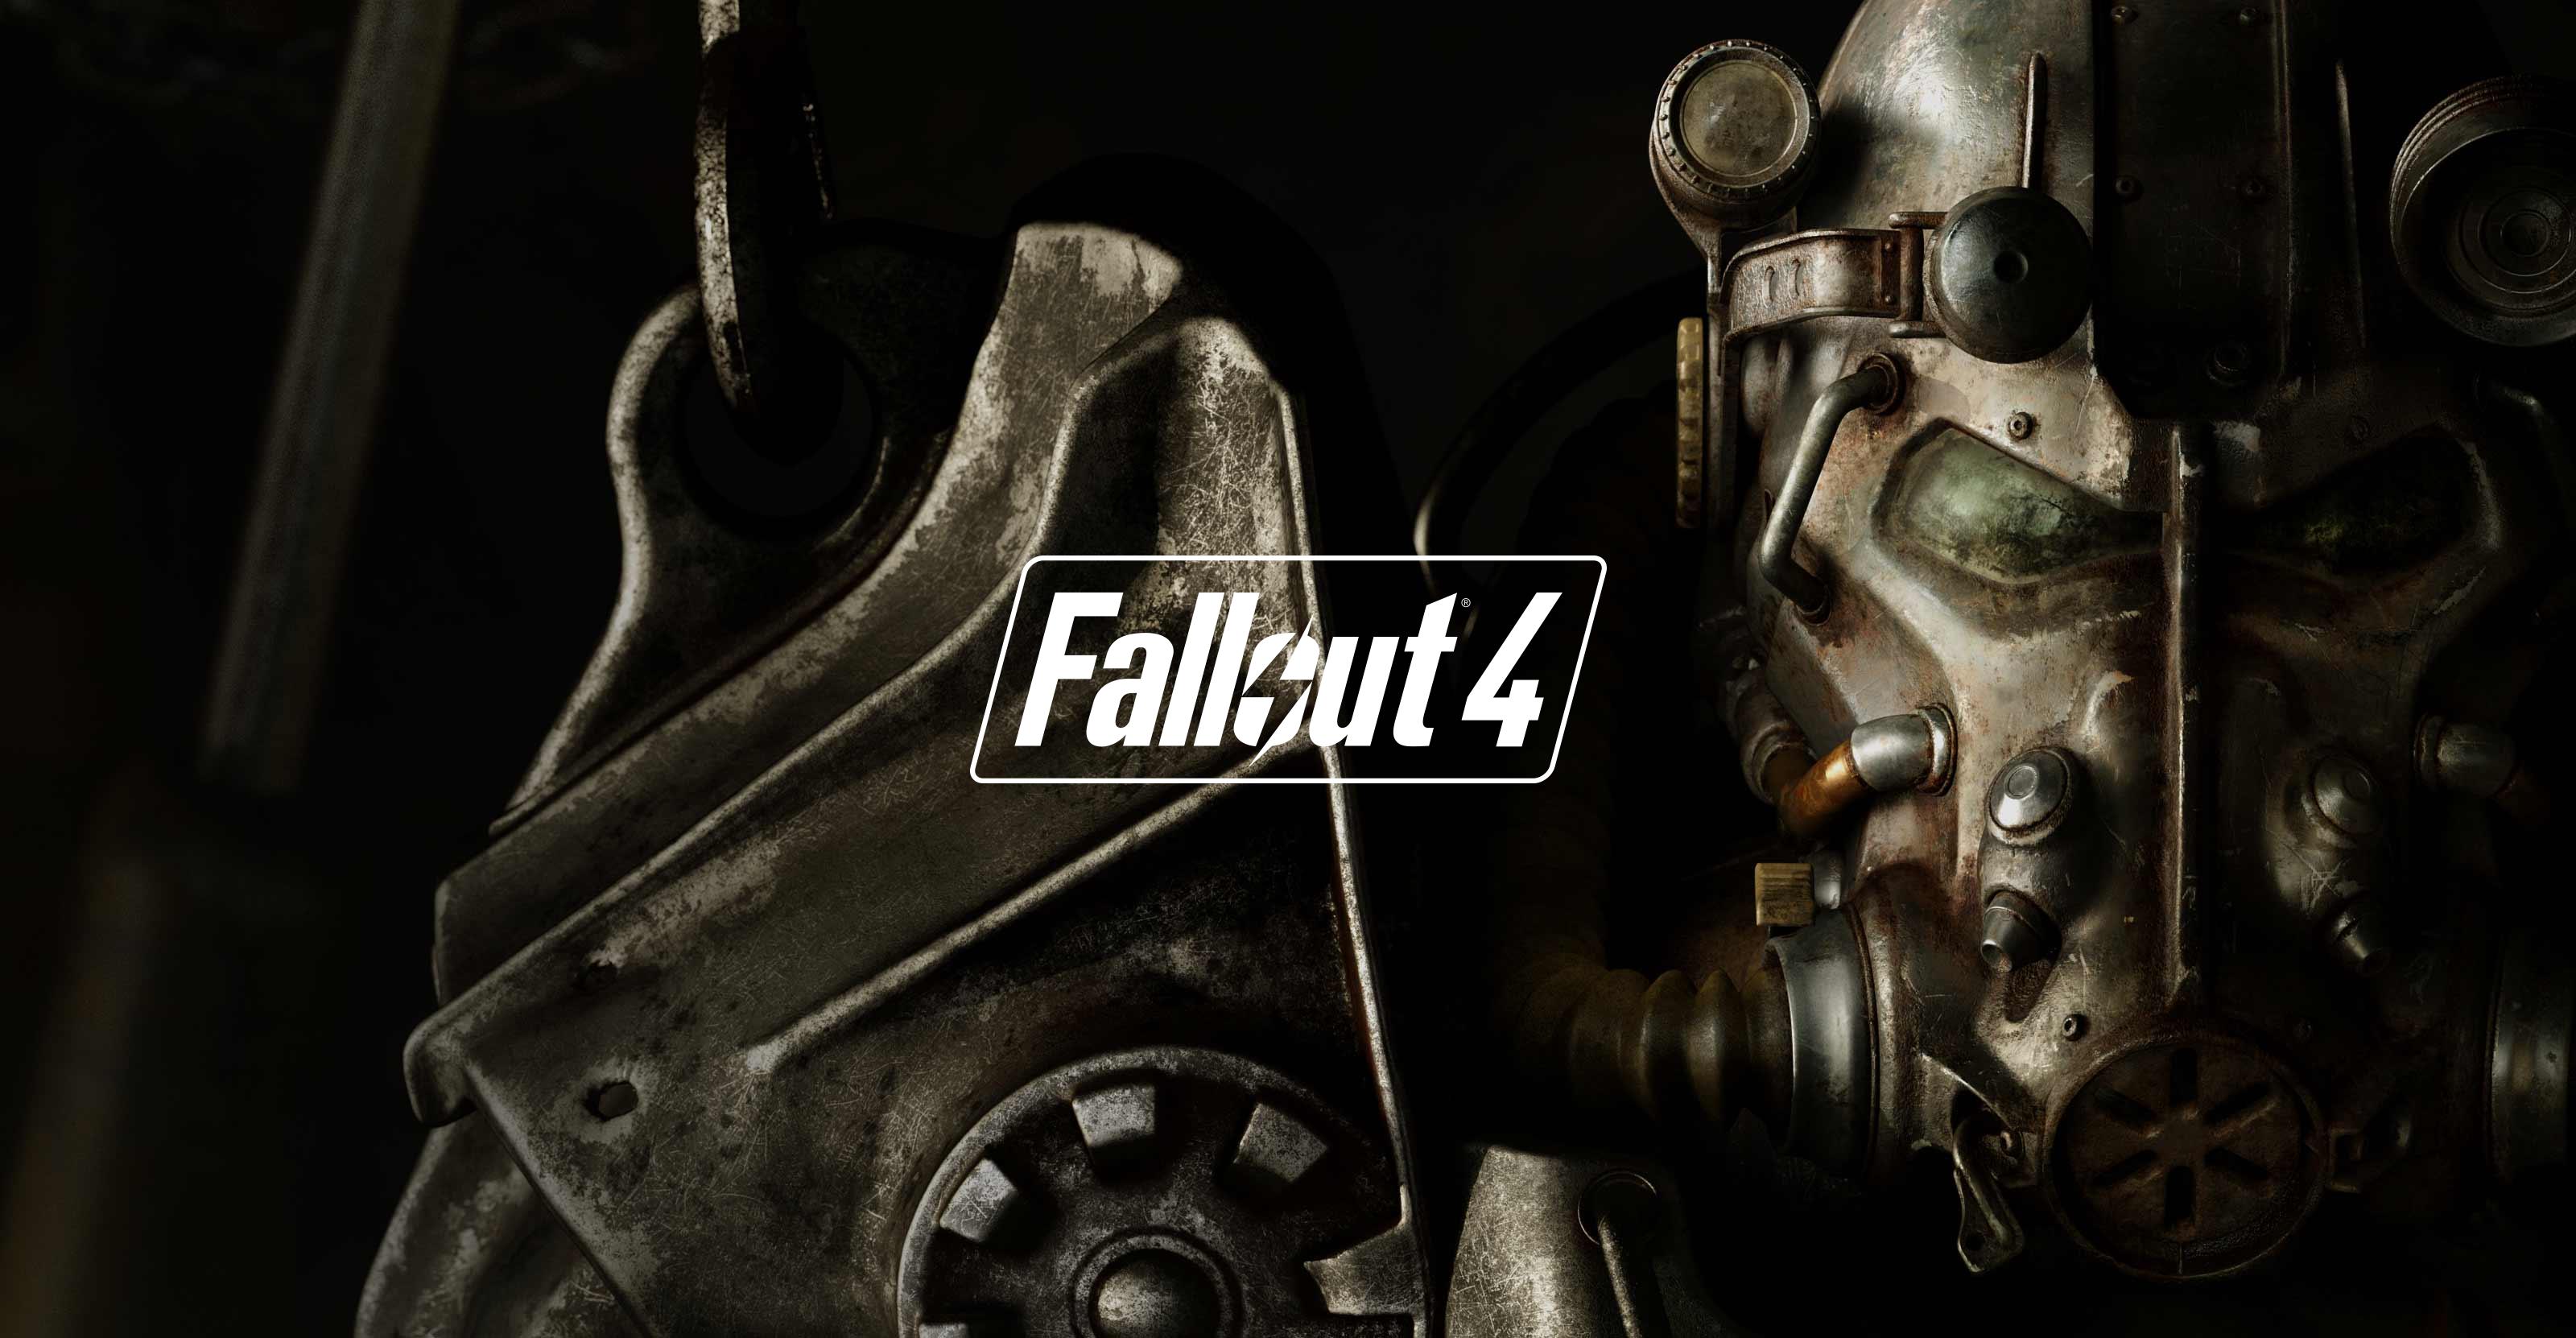 Une bande-annonce pour le prochain DLC de Fallout 4